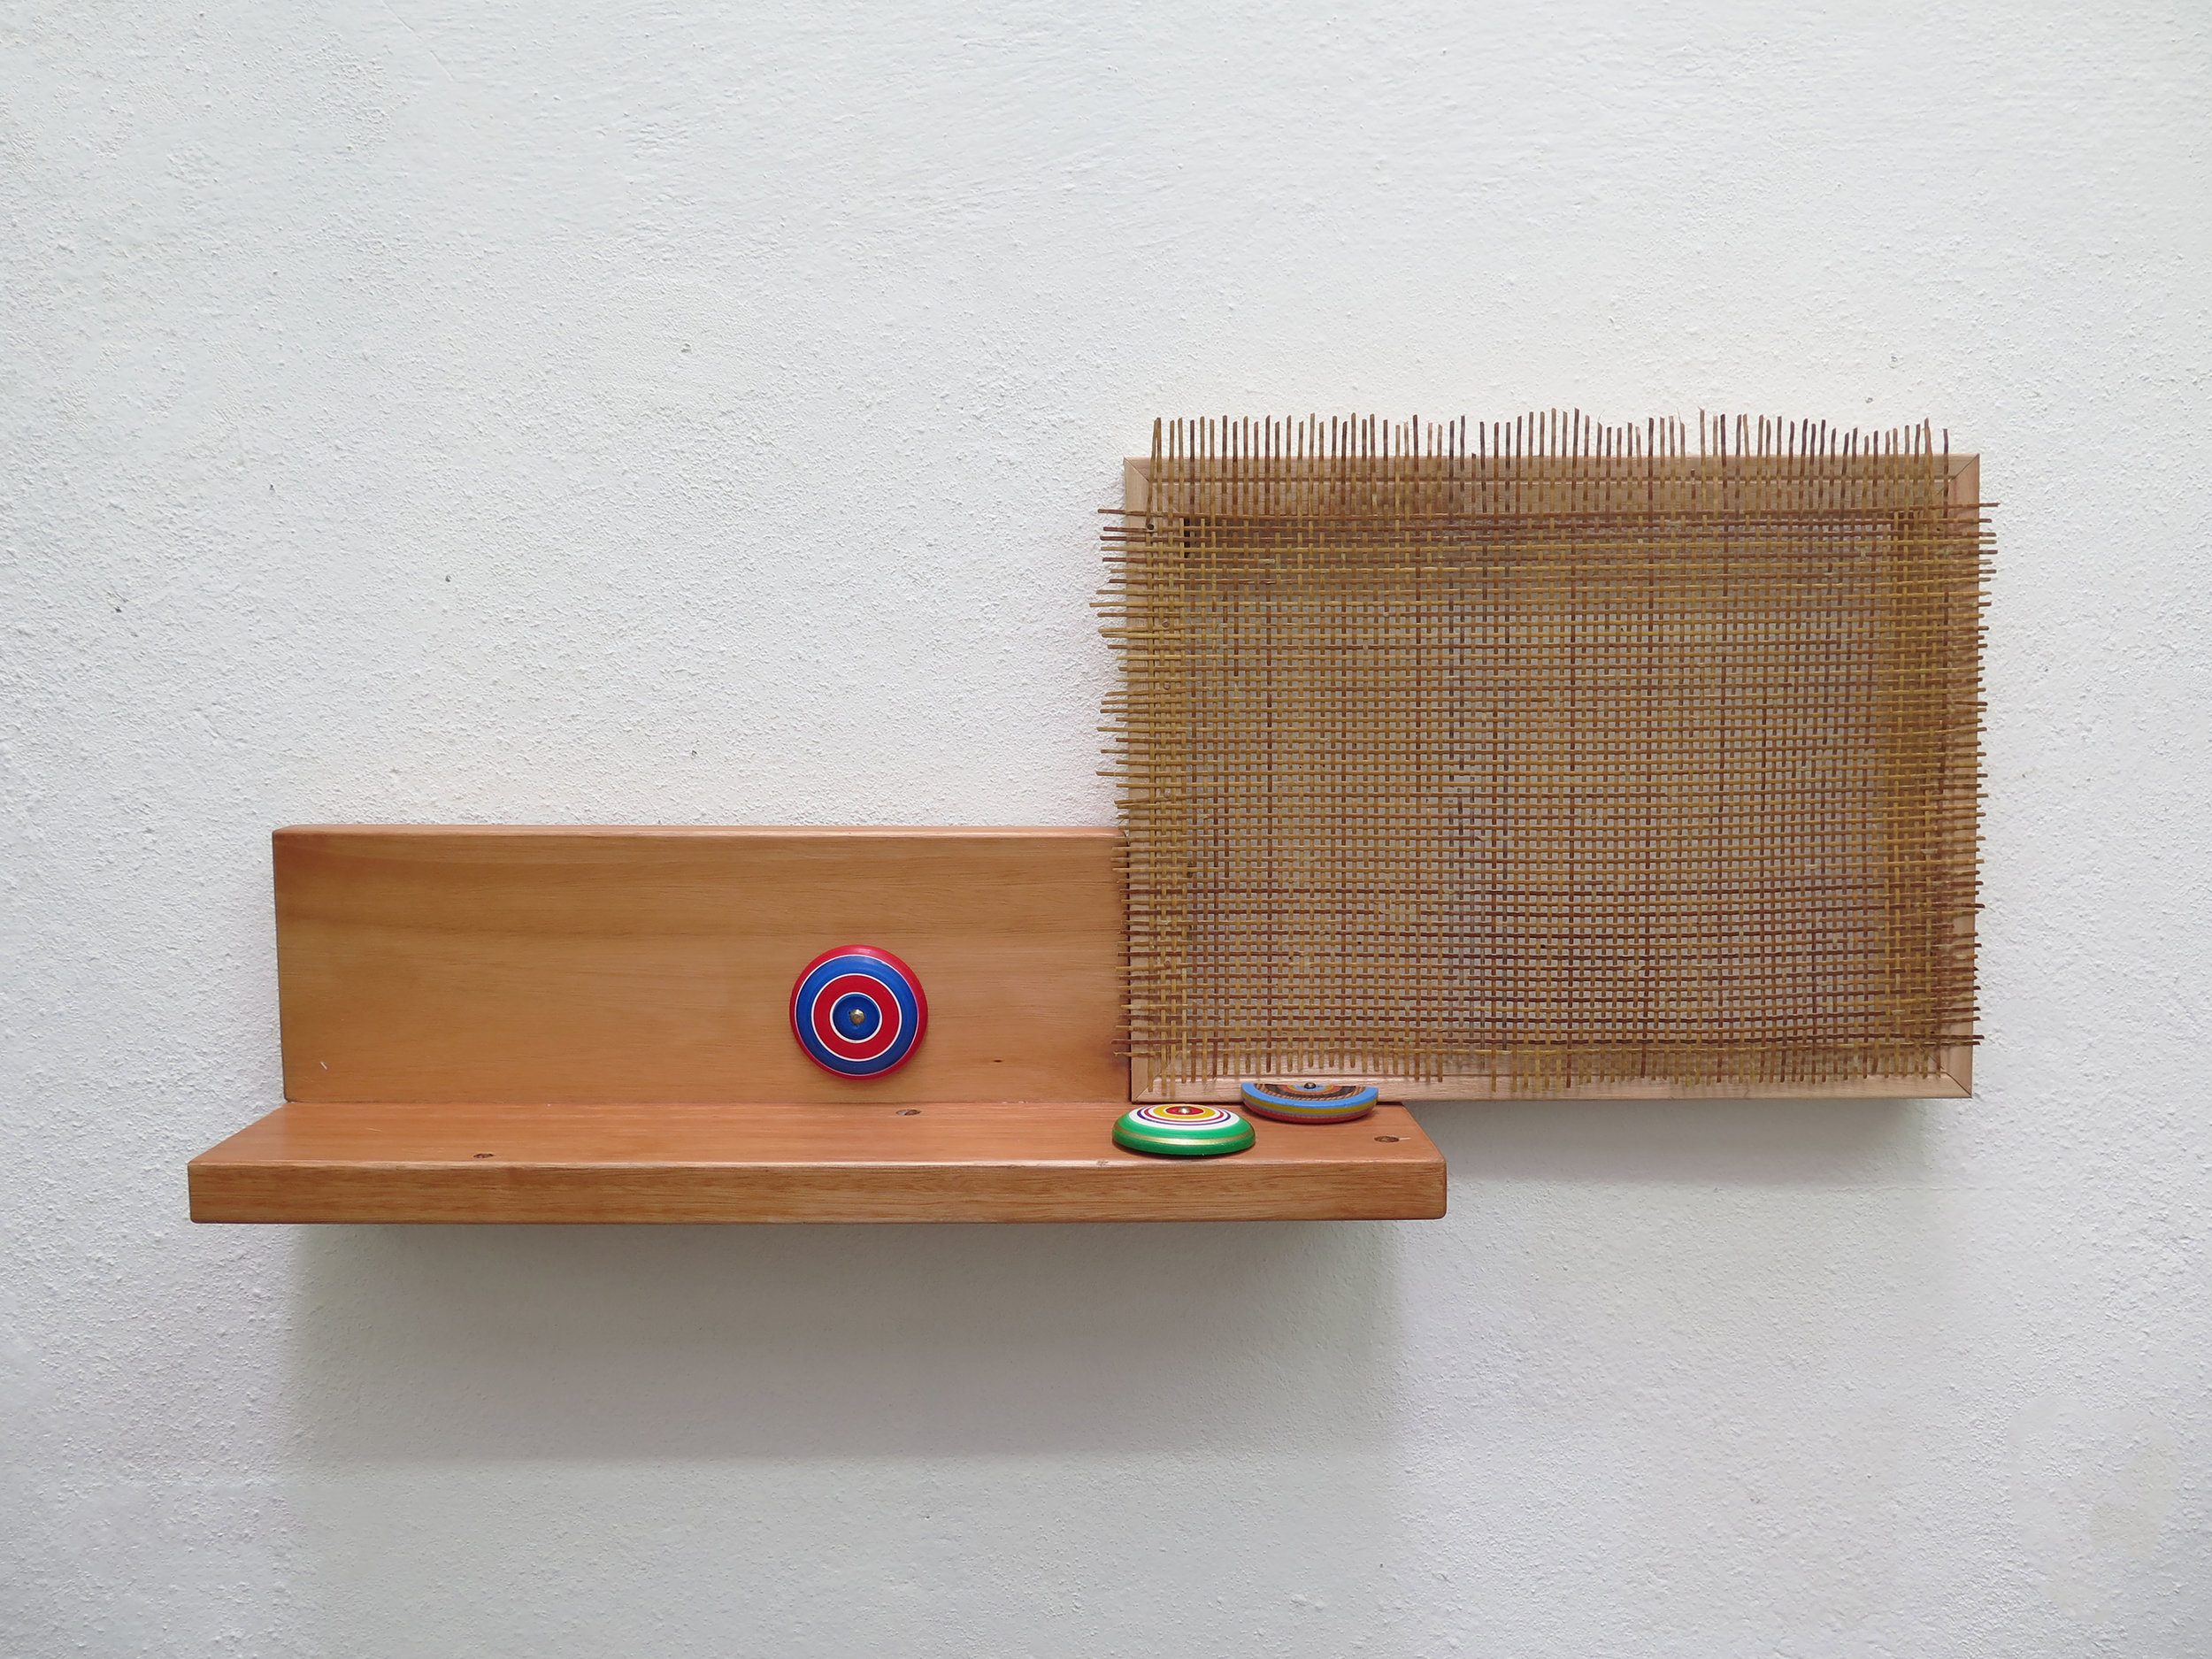 Mano Penalva, Palhinha, 2019, Palhinha, madeira, prego e iôiô, 39 x 88 x 15cm - cópia.jpg